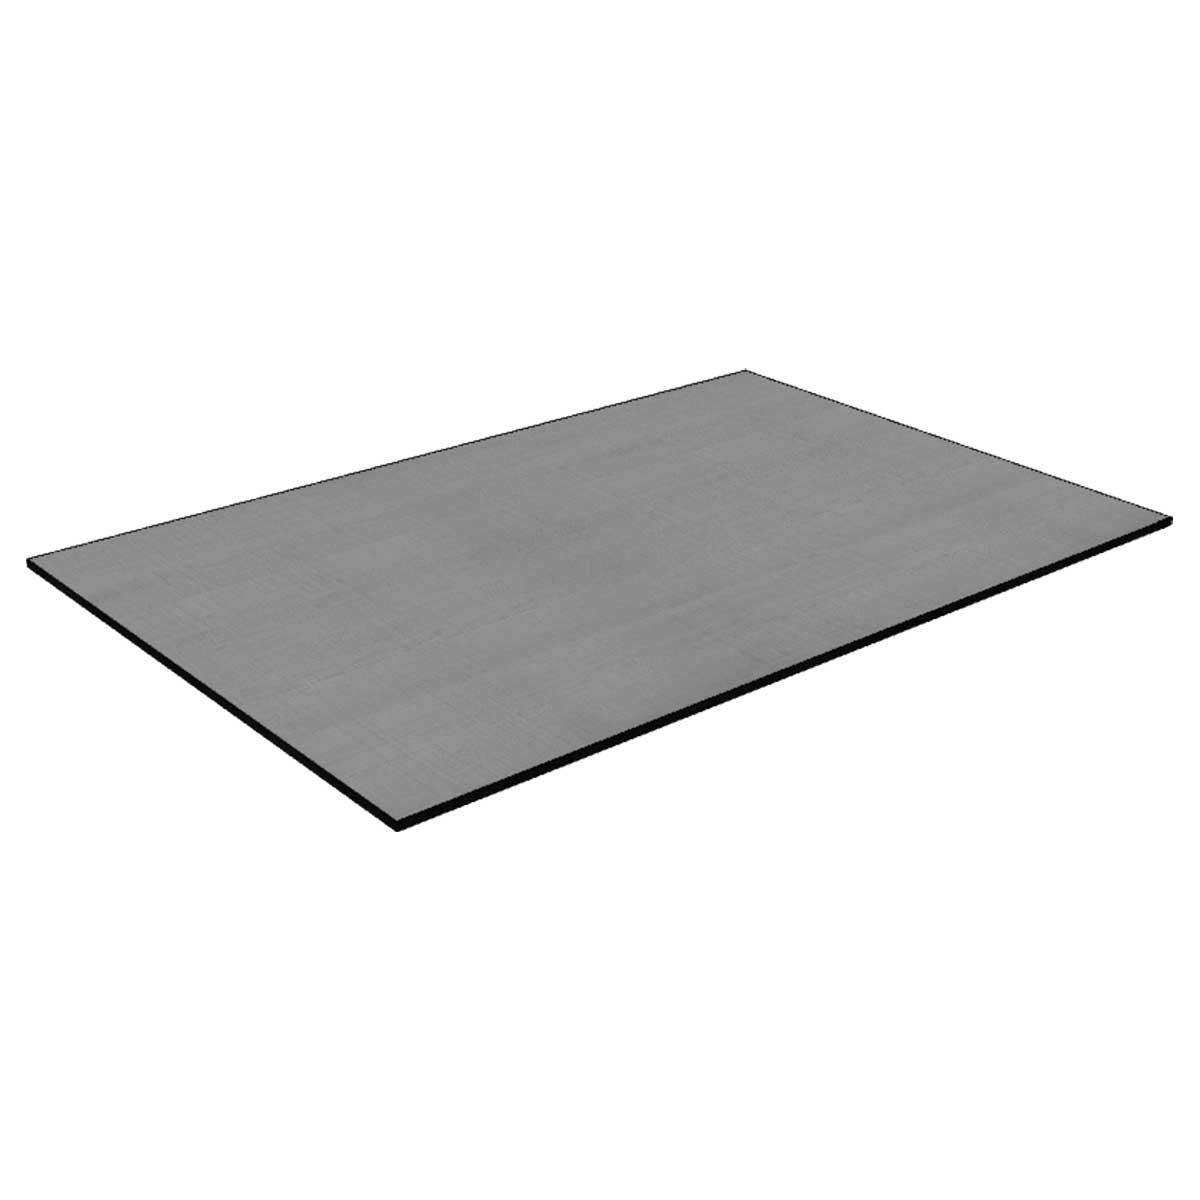 TICAR E120X80 150 - https://www.werzalit.com/fr/produit/plateau-de-table-carino-e-100x60-epaisseur-du-plateau-de-la-table-12mm-decor-150-palisade-weiss/